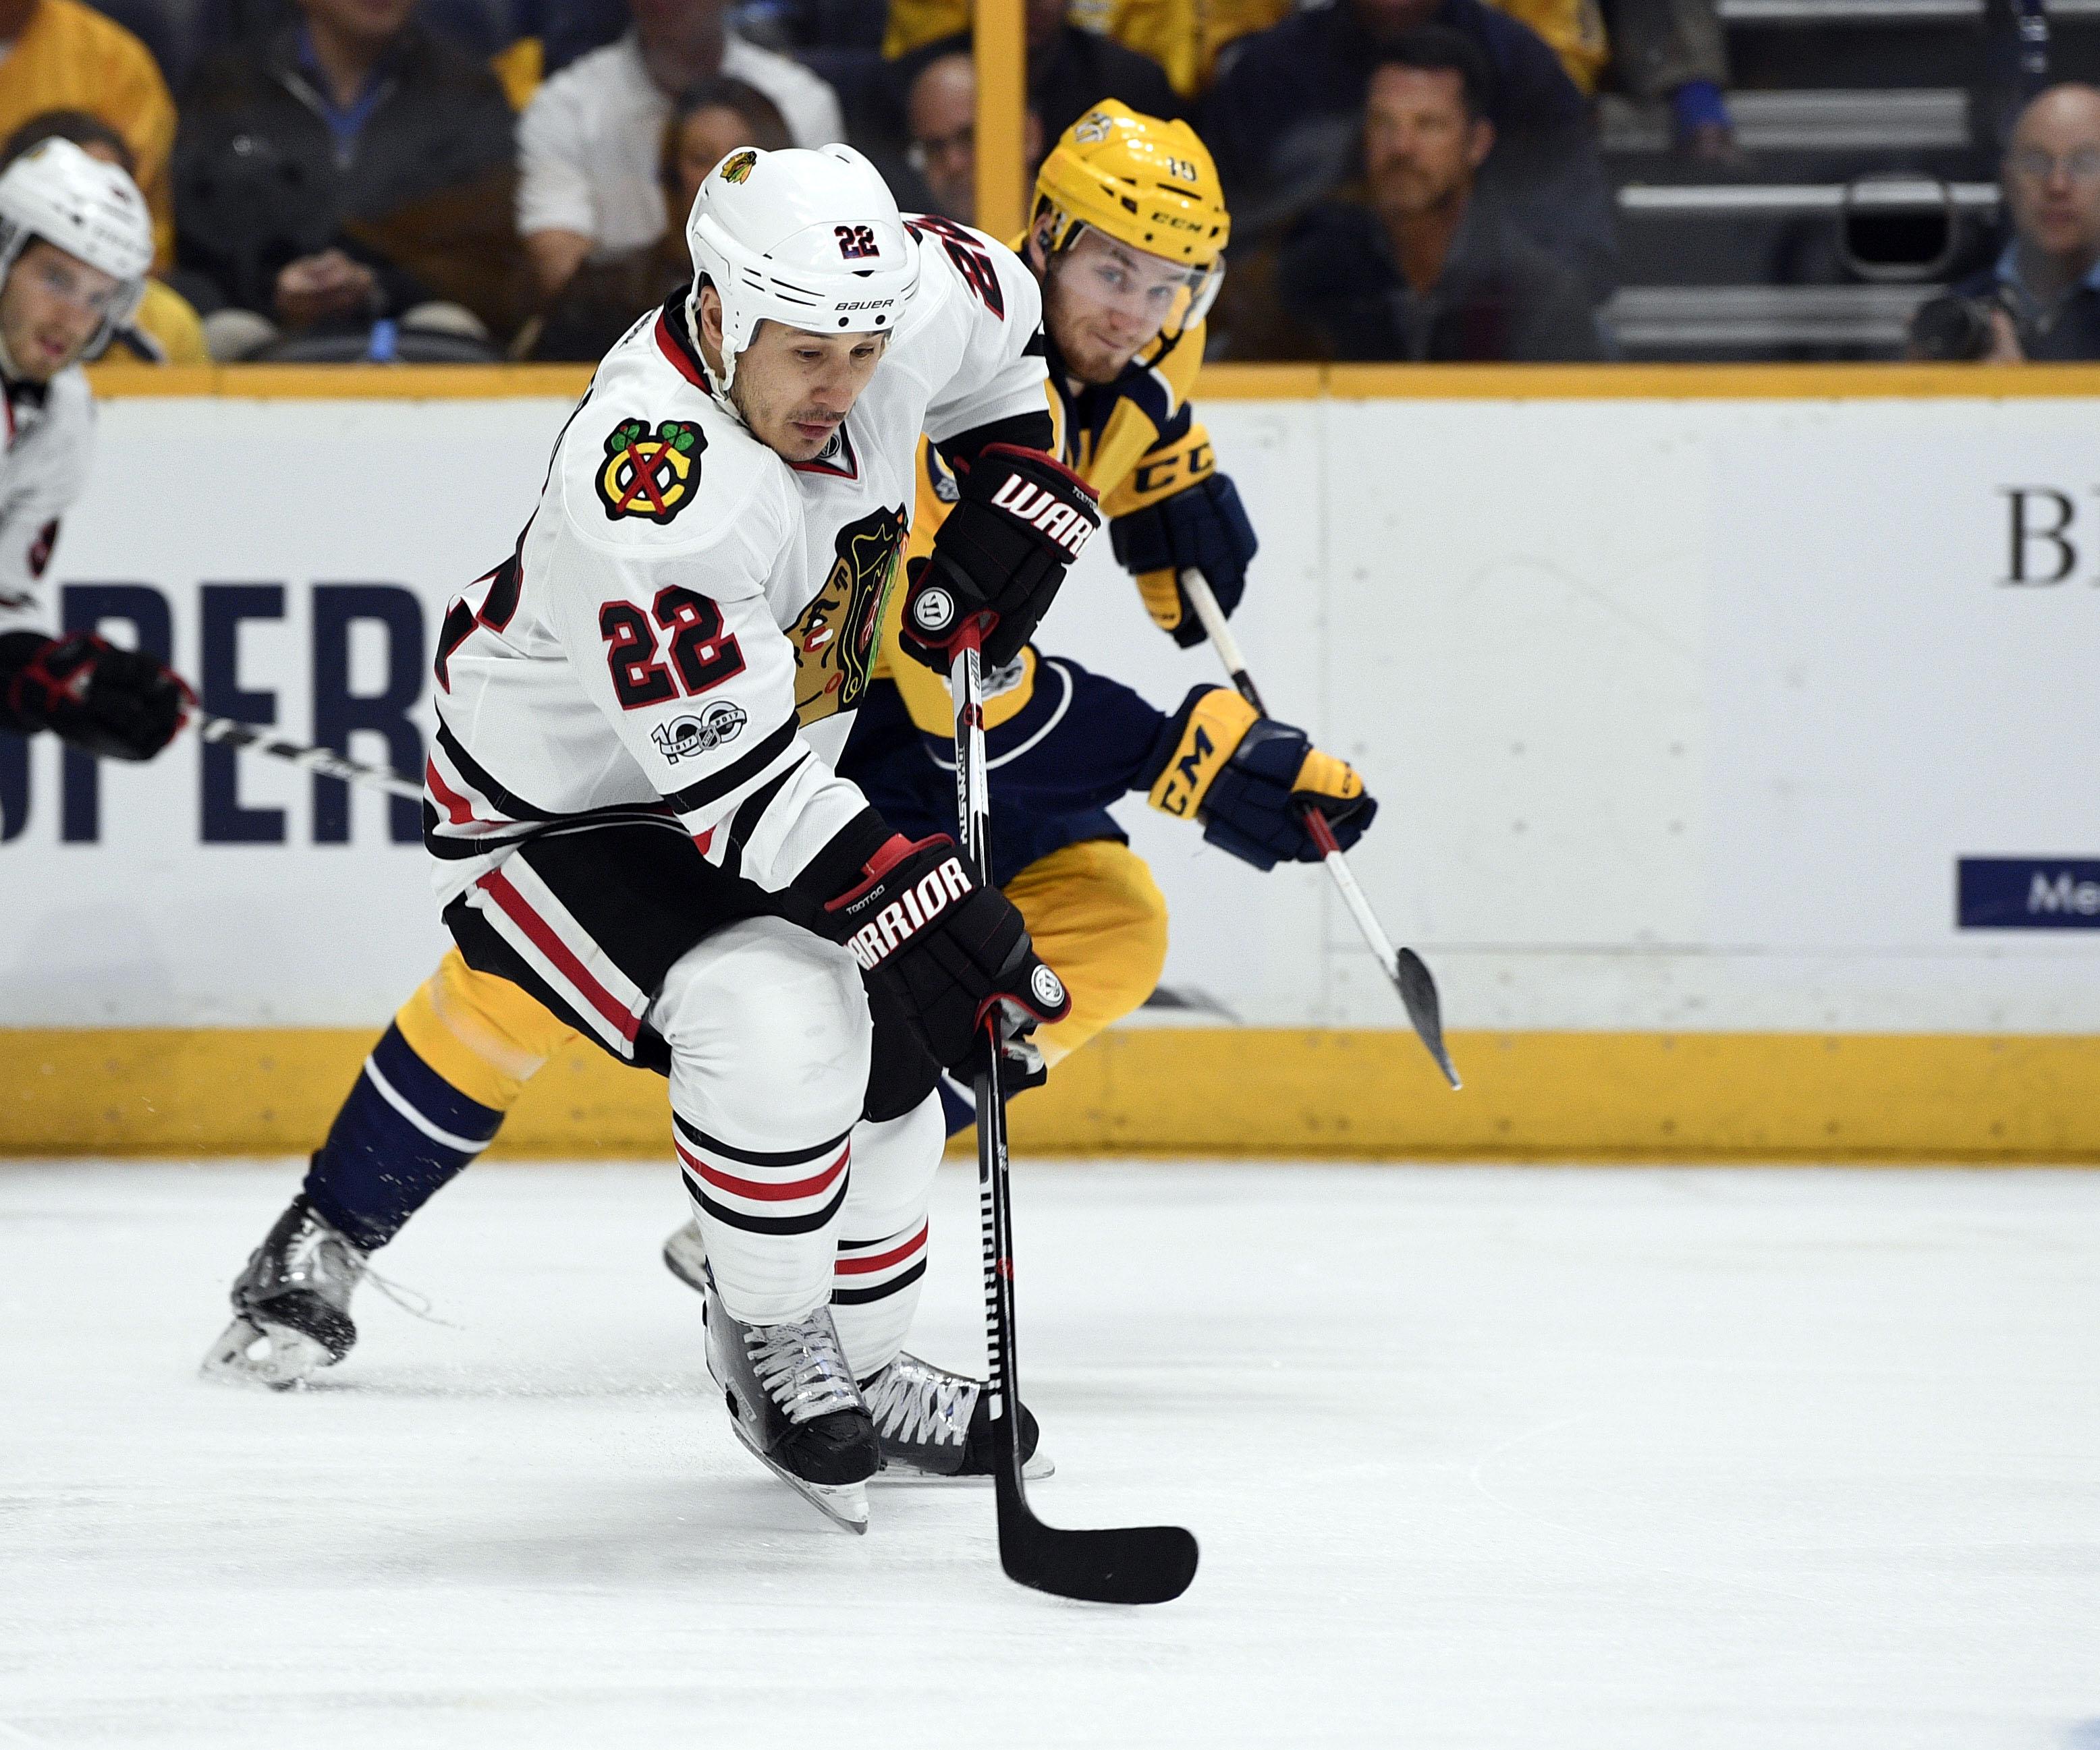 NHL: Stanley Cup Playoffs-Chicago Blackhawks at Nashville Predators